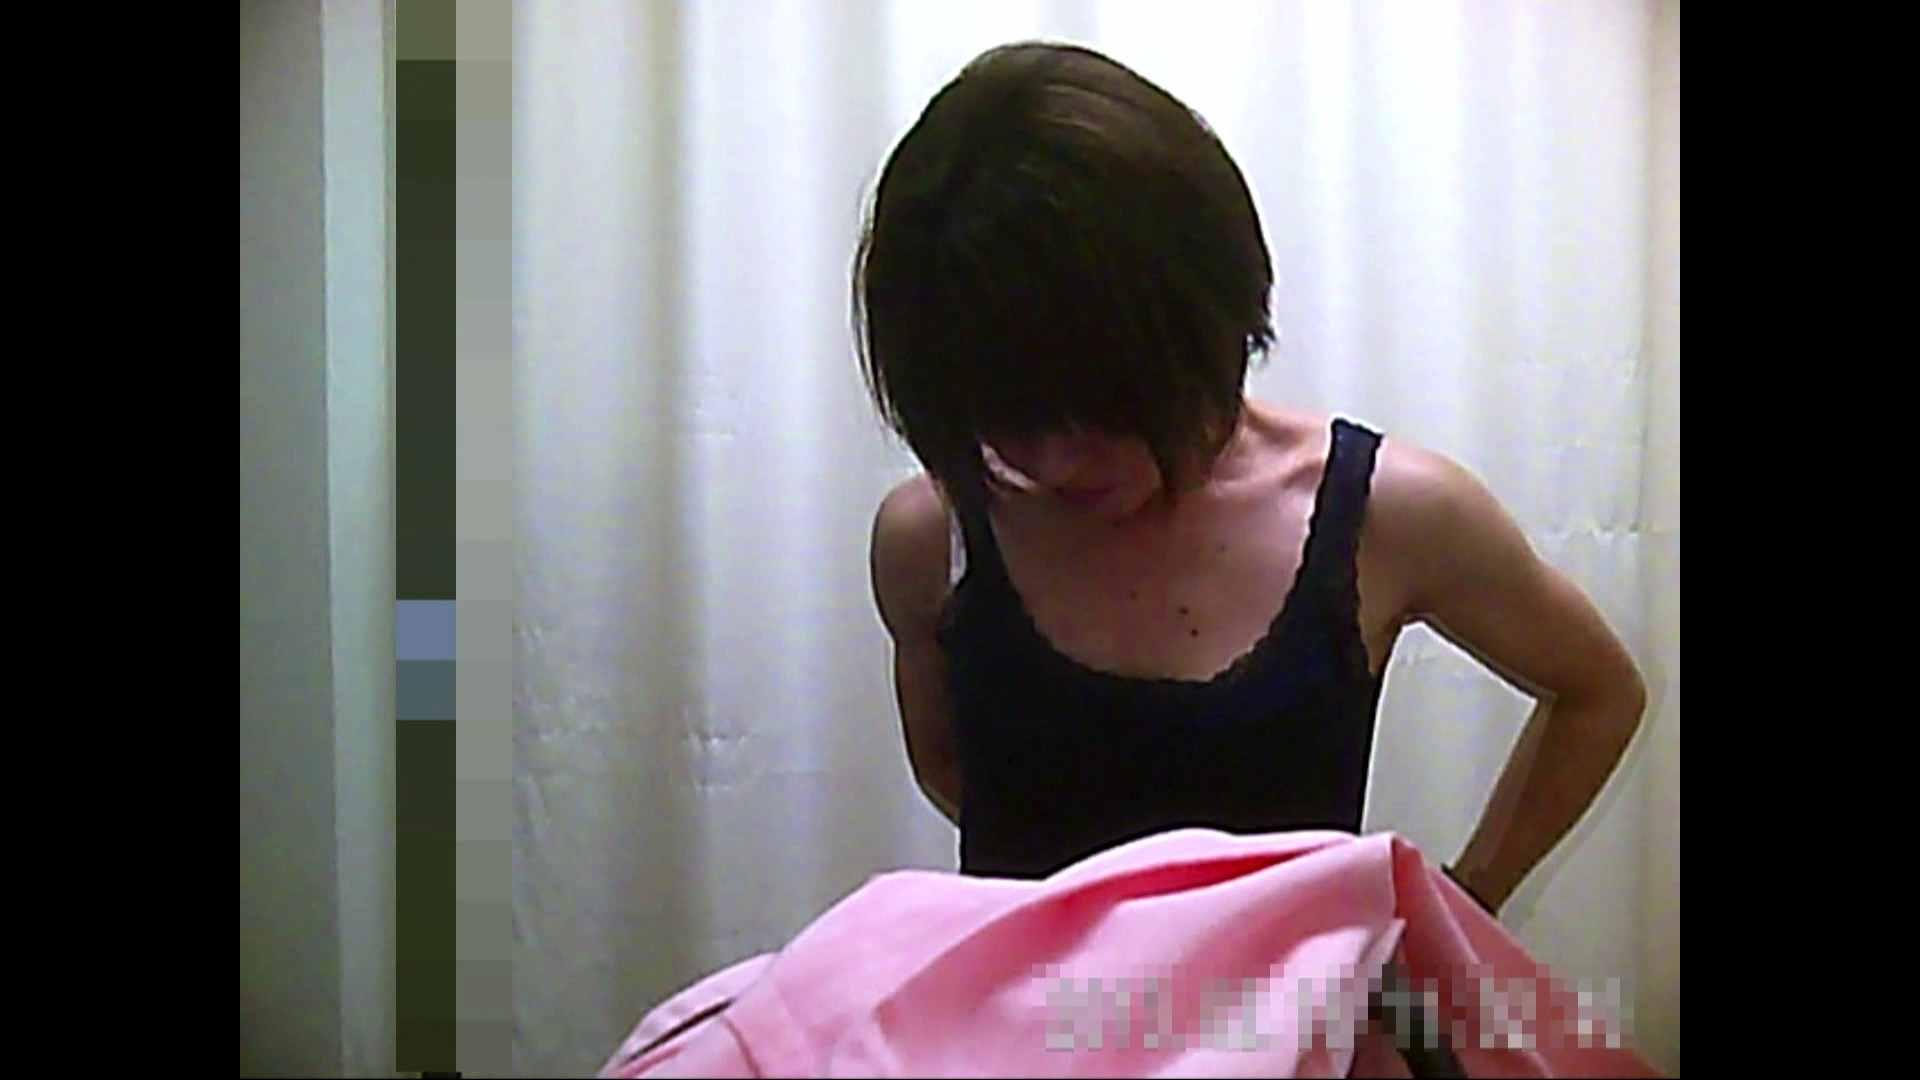 病院おもいっきり着替え! vol.153 貧乳 アダルト動画キャプチャ 93PIX 83